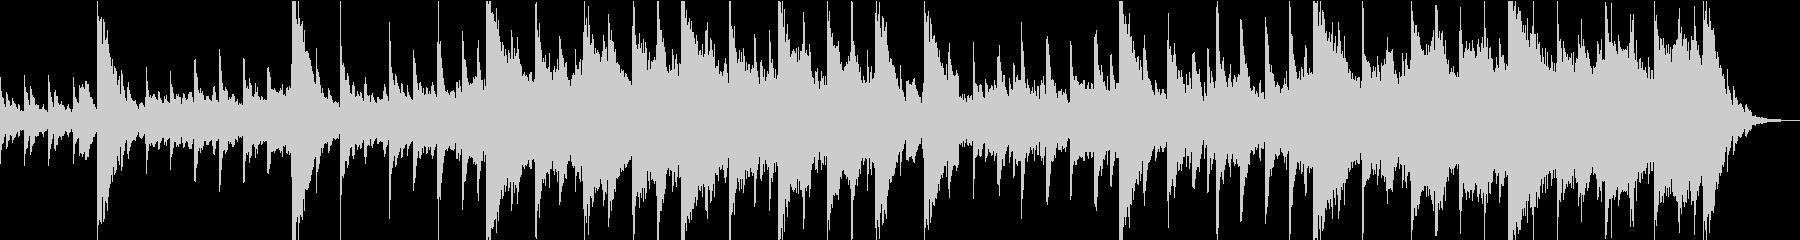 モダン テクノ 現代的 交響曲 室...の未再生の波形